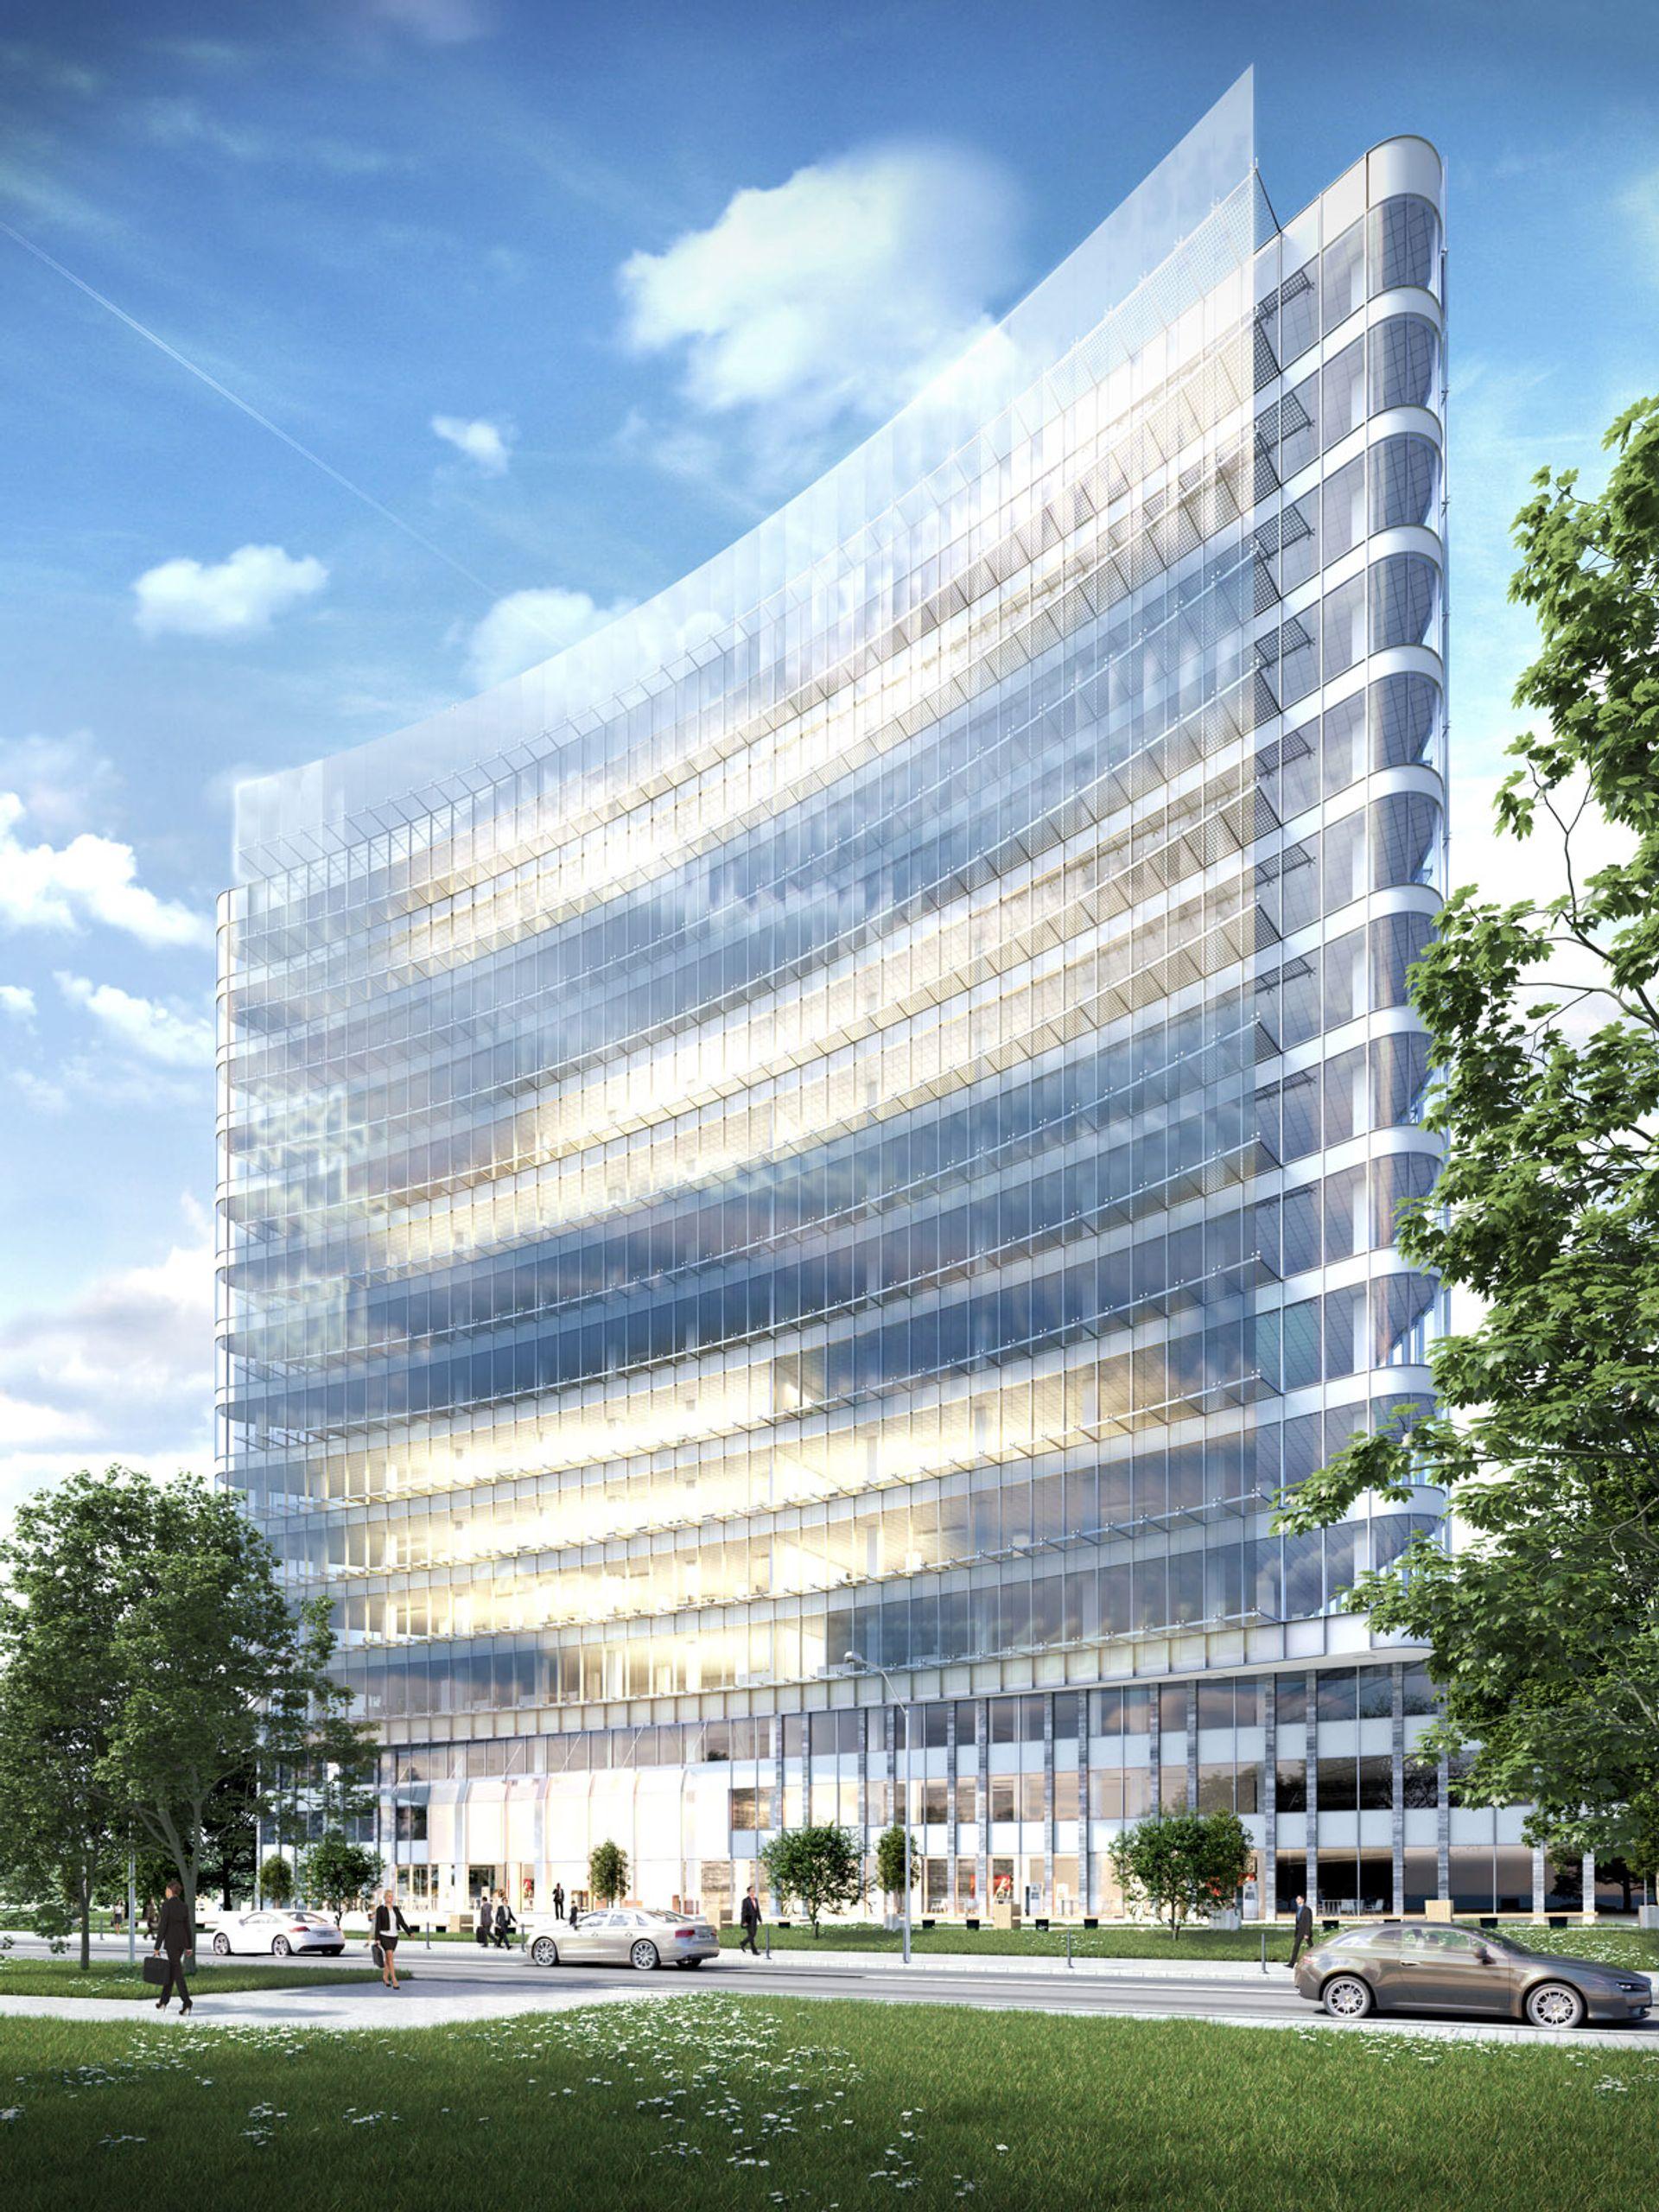 [Wrocław] Przedłuża się sprzedaż działki przy Fabrycznej. Stanie tam Carbon Tower